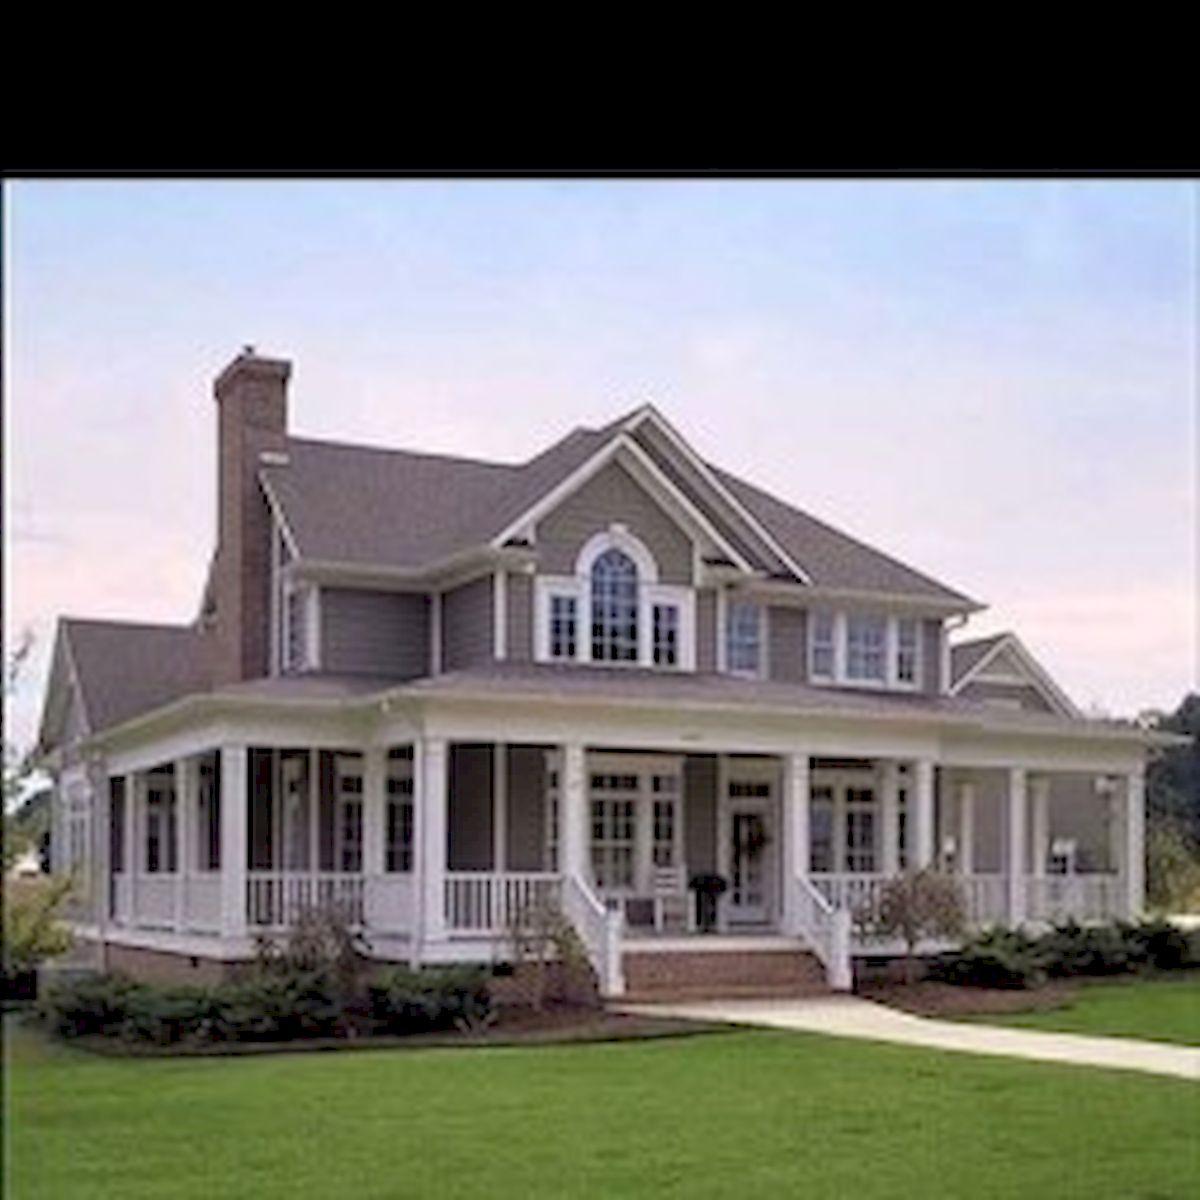 46 Awesome Farmhouse Home Exterior Design Ideas (36)